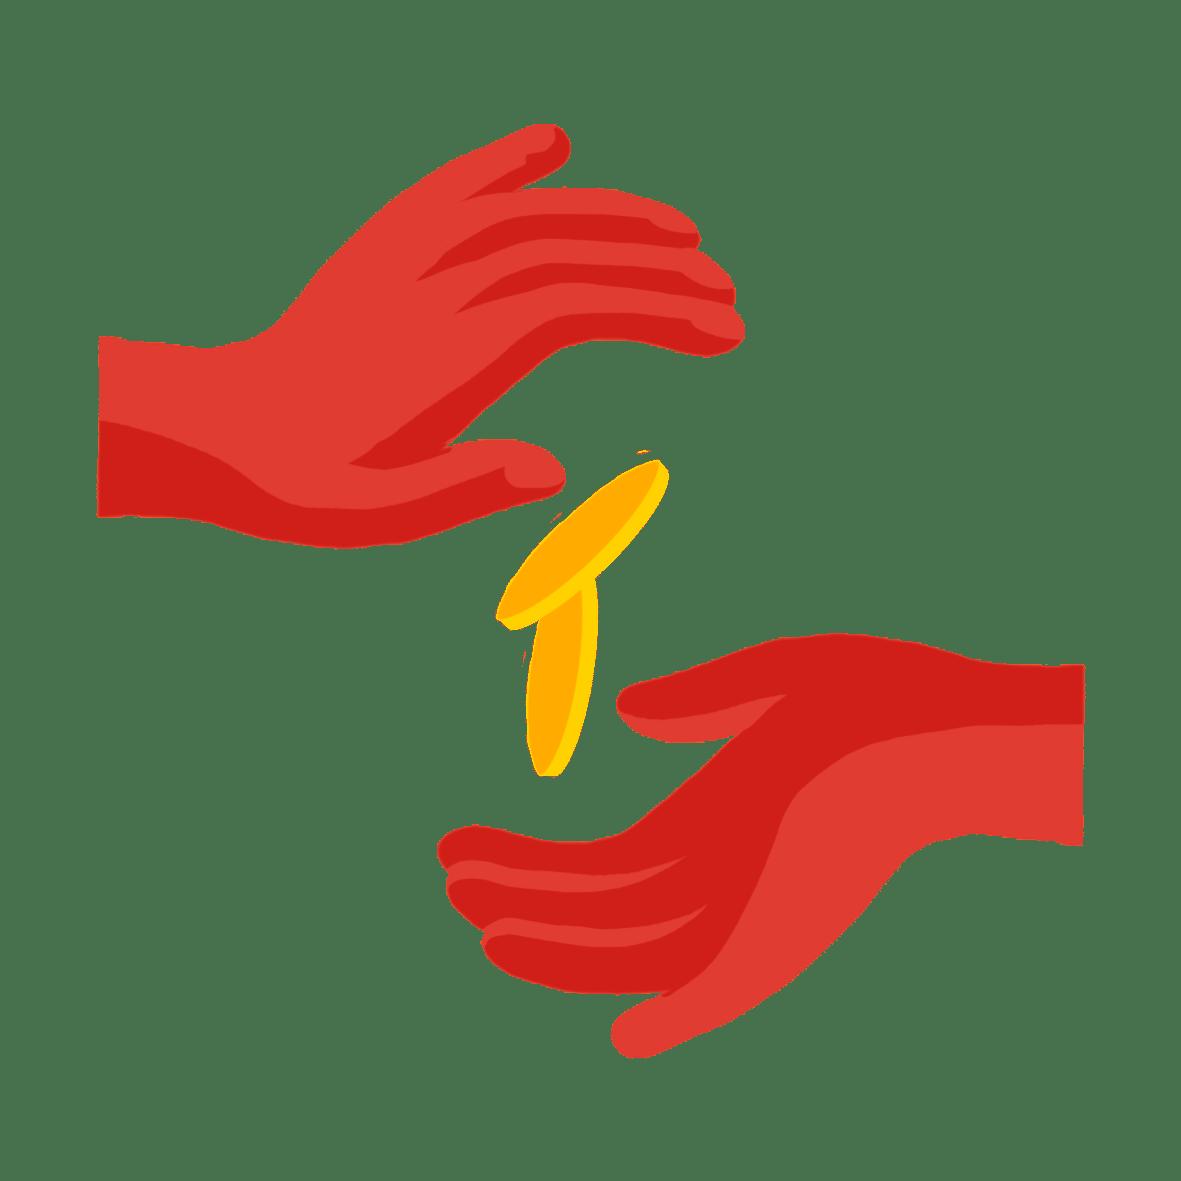 economie-ethique-boma-france.png